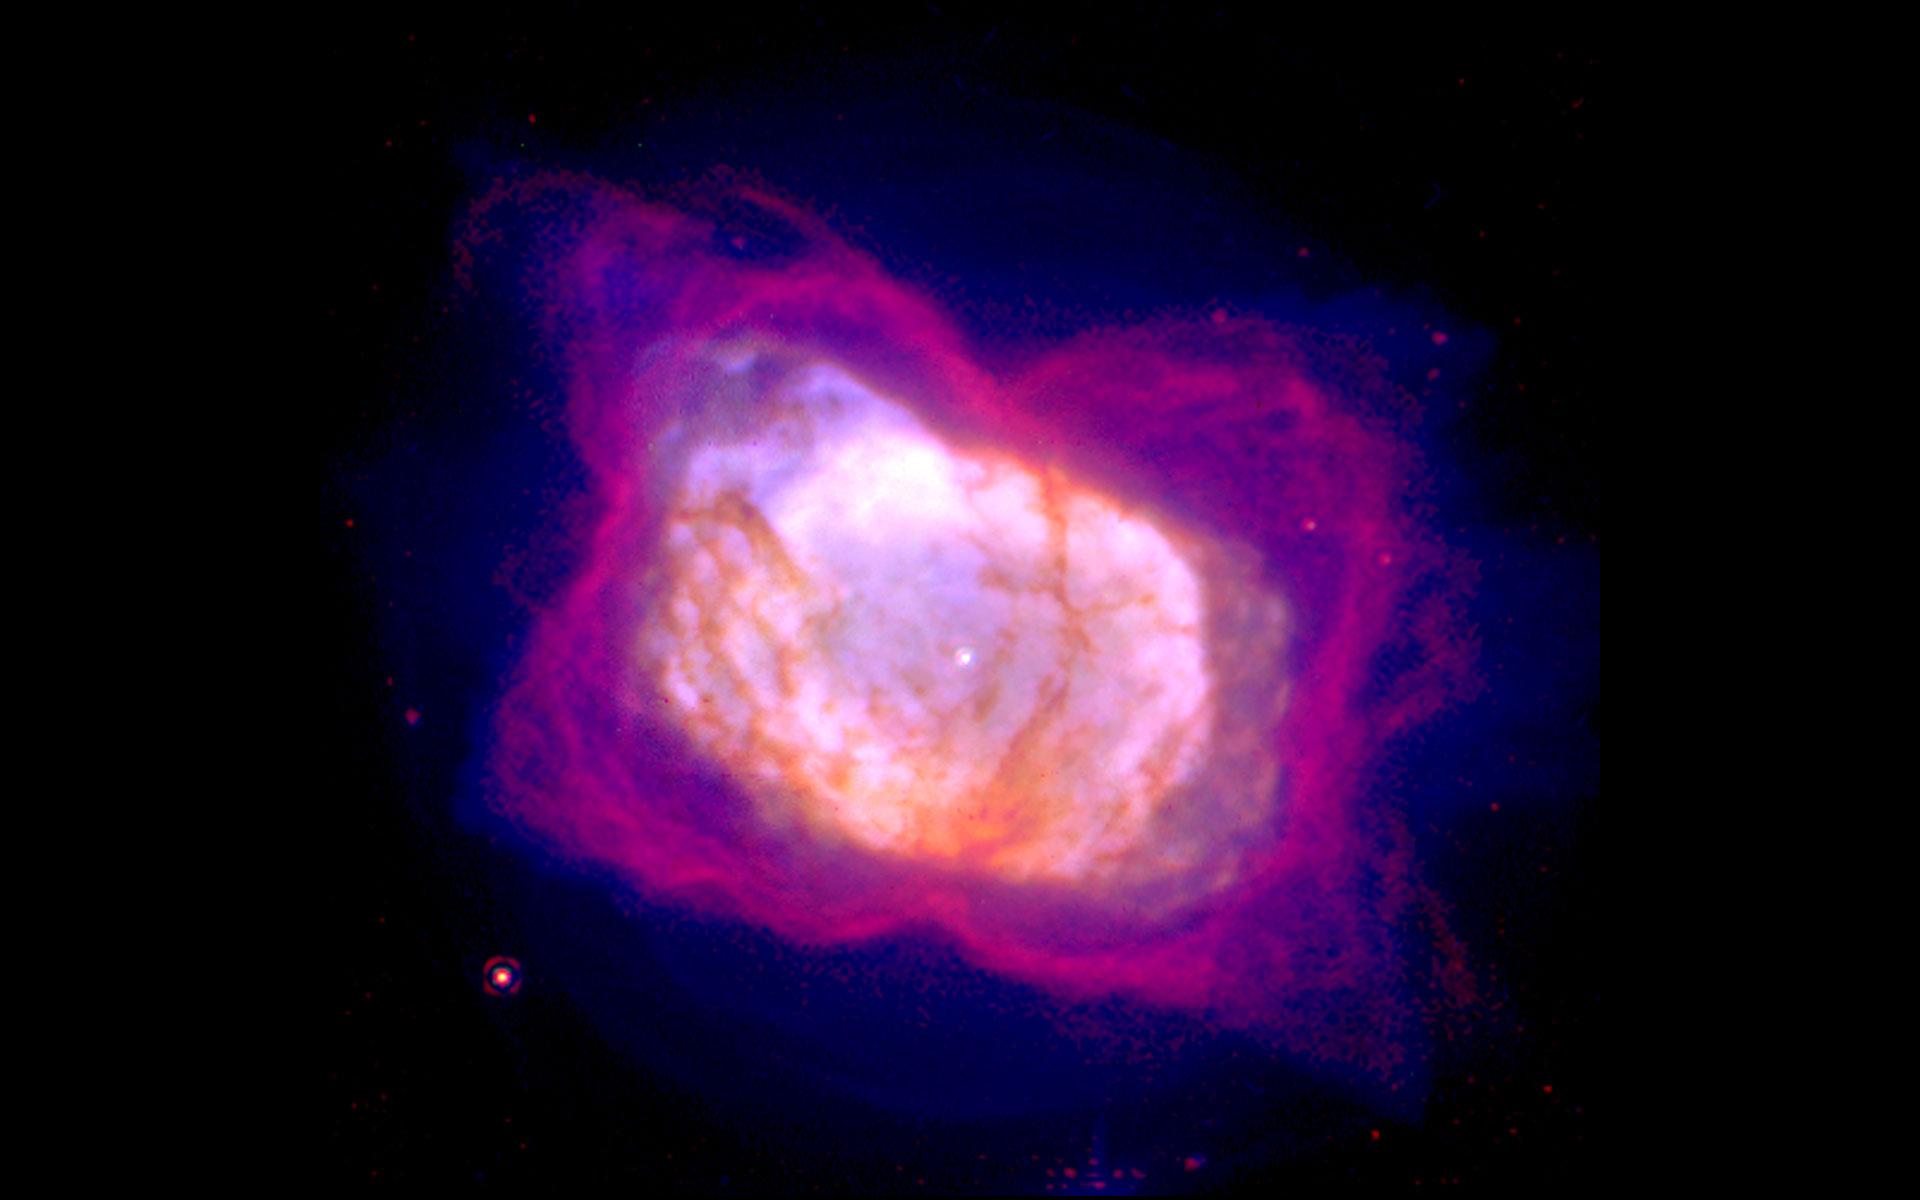 La toute première molécule formée dans l'univers a enfin été observée dans l'espace